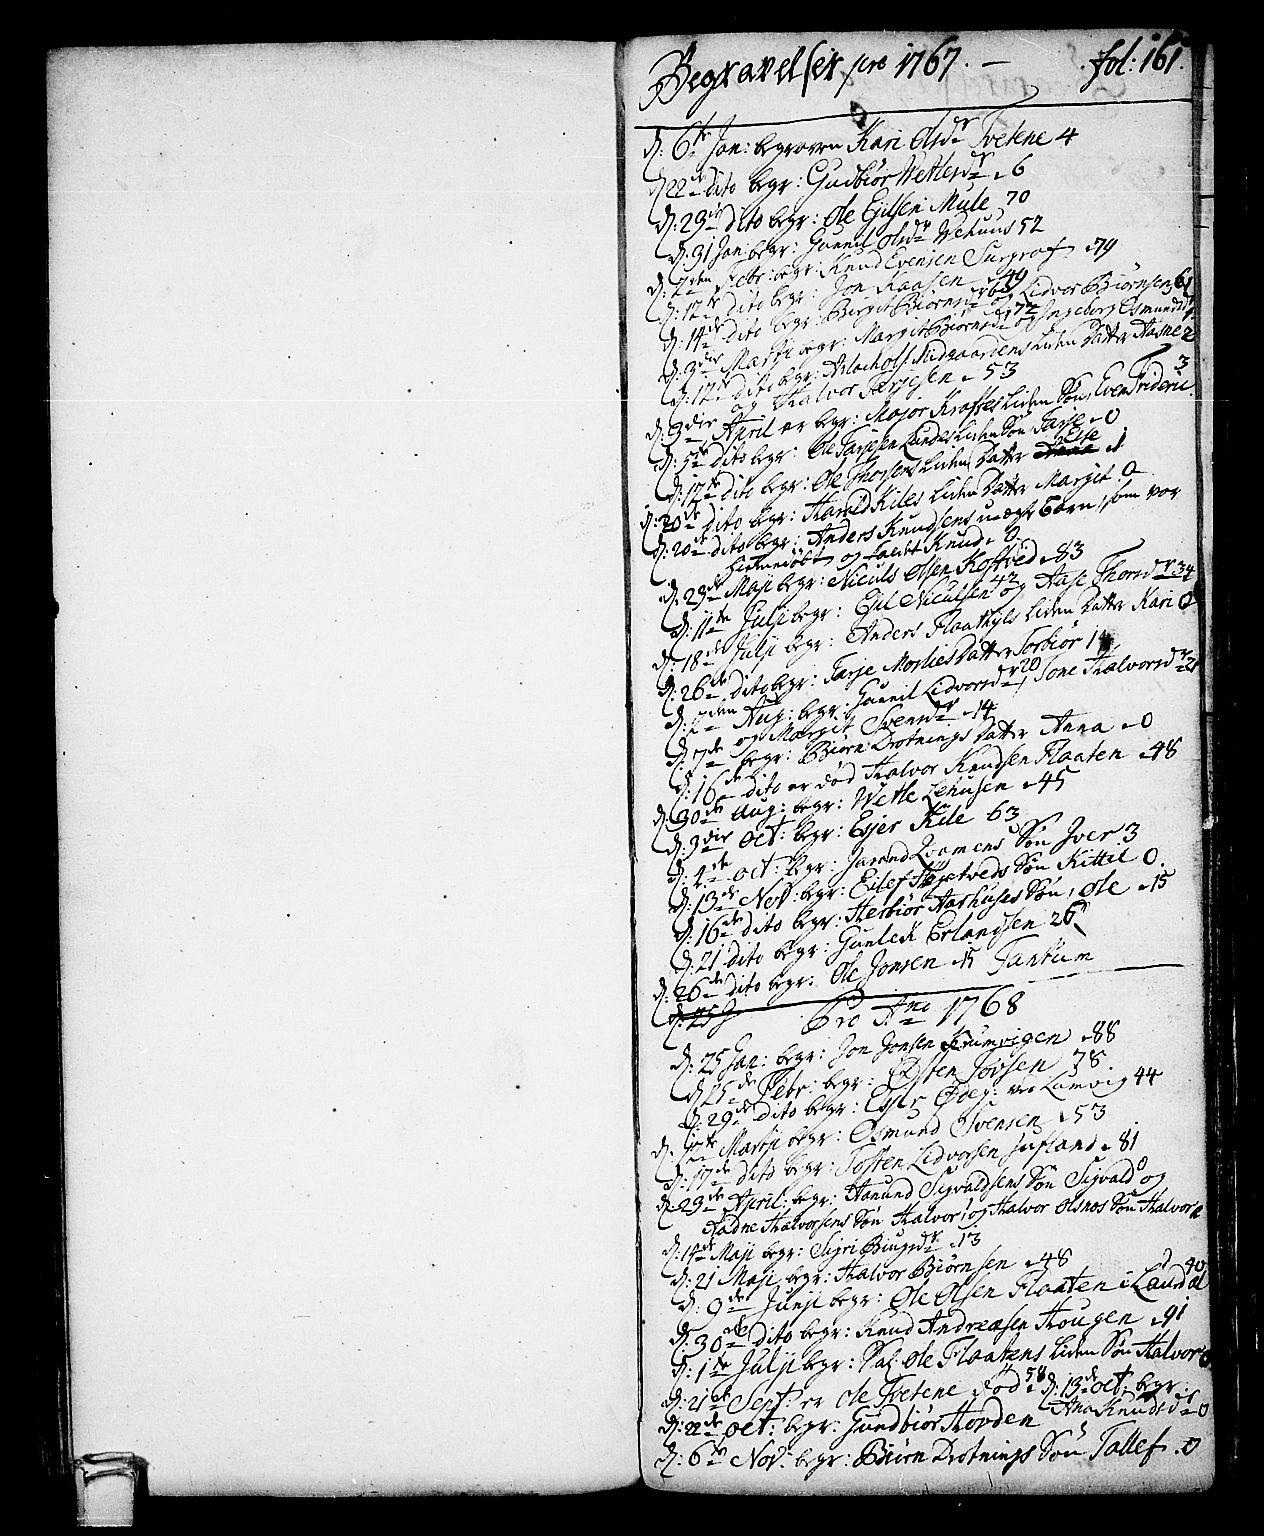 SAKO, Vinje kirkebøker, F/Fa/L0002: Ministerialbok nr. I 2, 1767-1814, s. 161